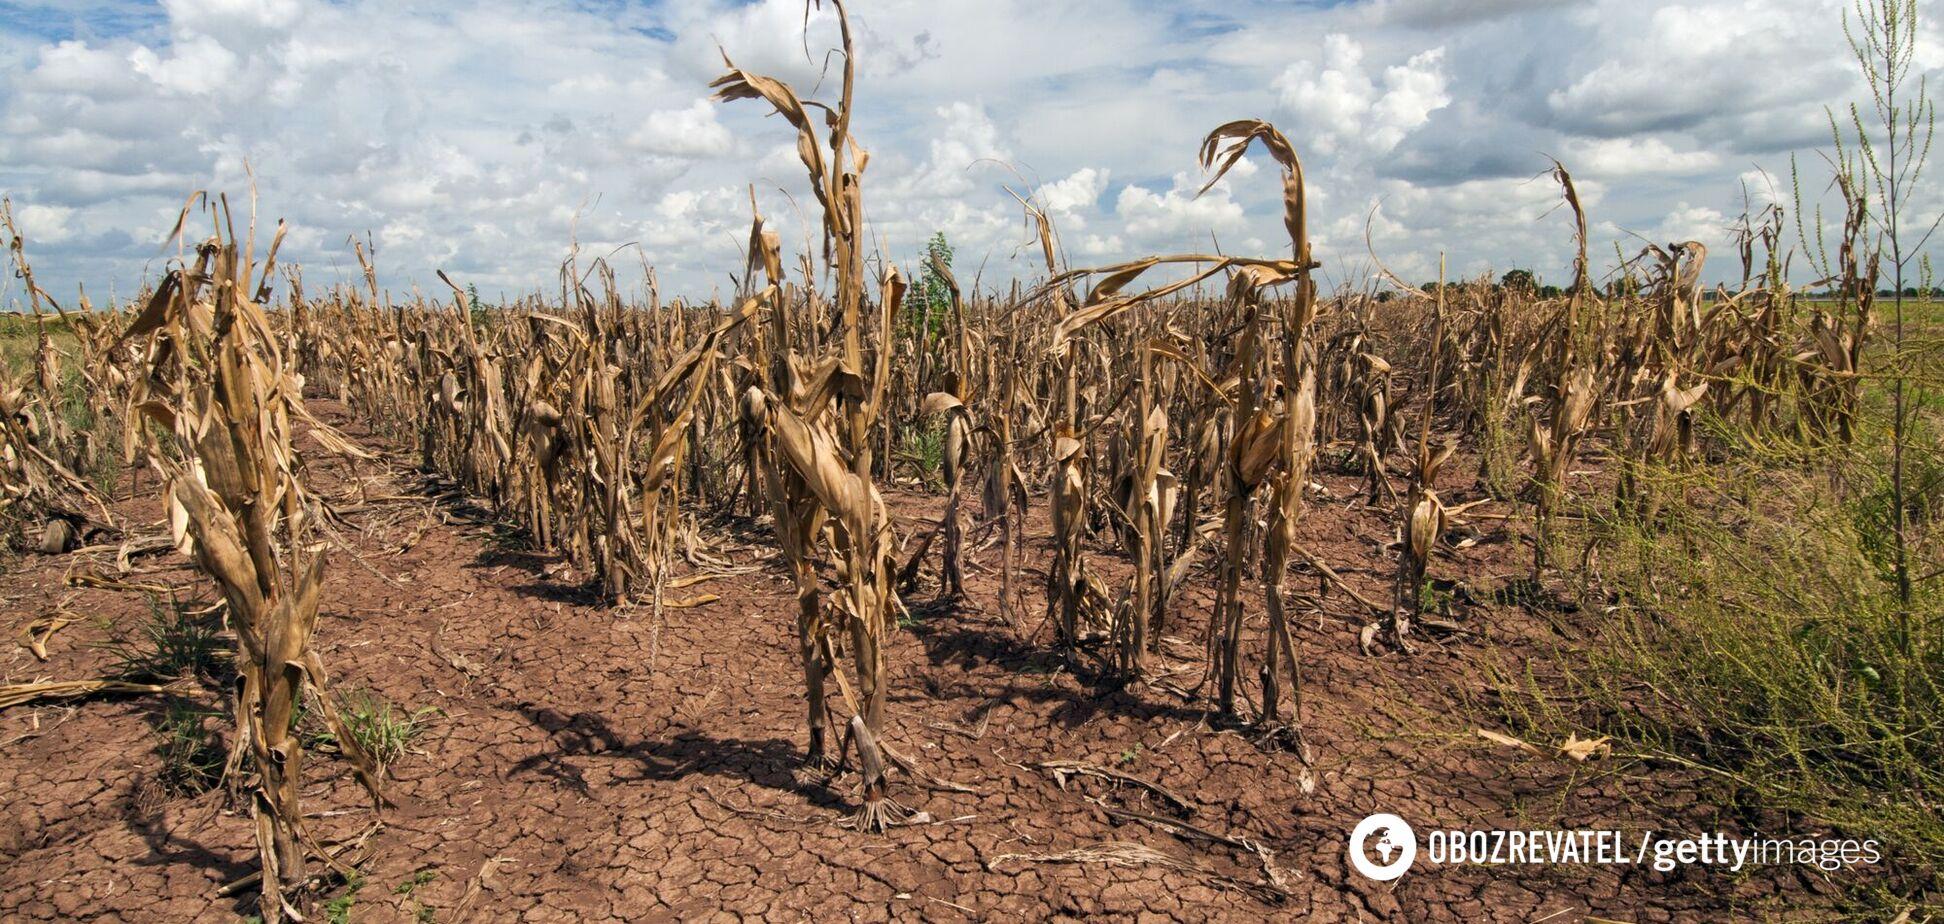 Українські фермери почали вимагати допомогу через посуху